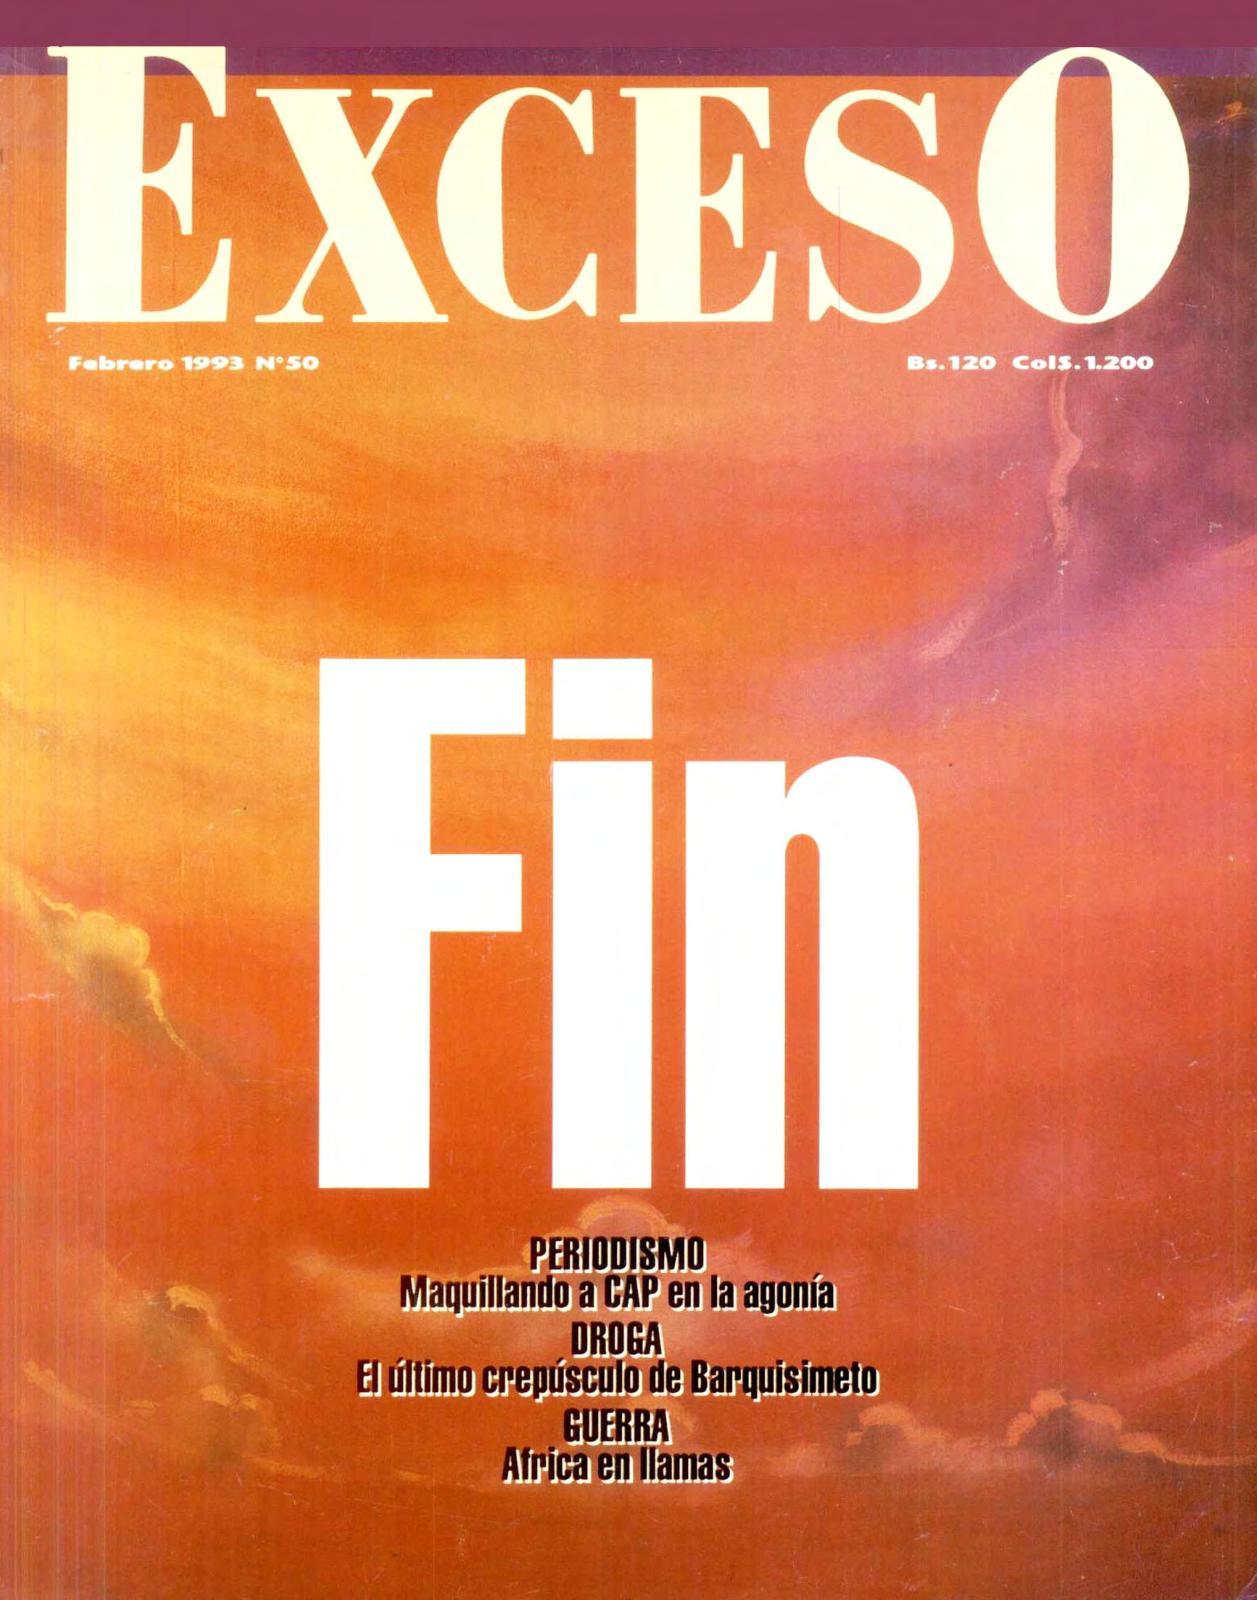 16a9c8a80 Calaméo - REVISTA EXCESO -EDICION Nº 50 FEBRERO 1993